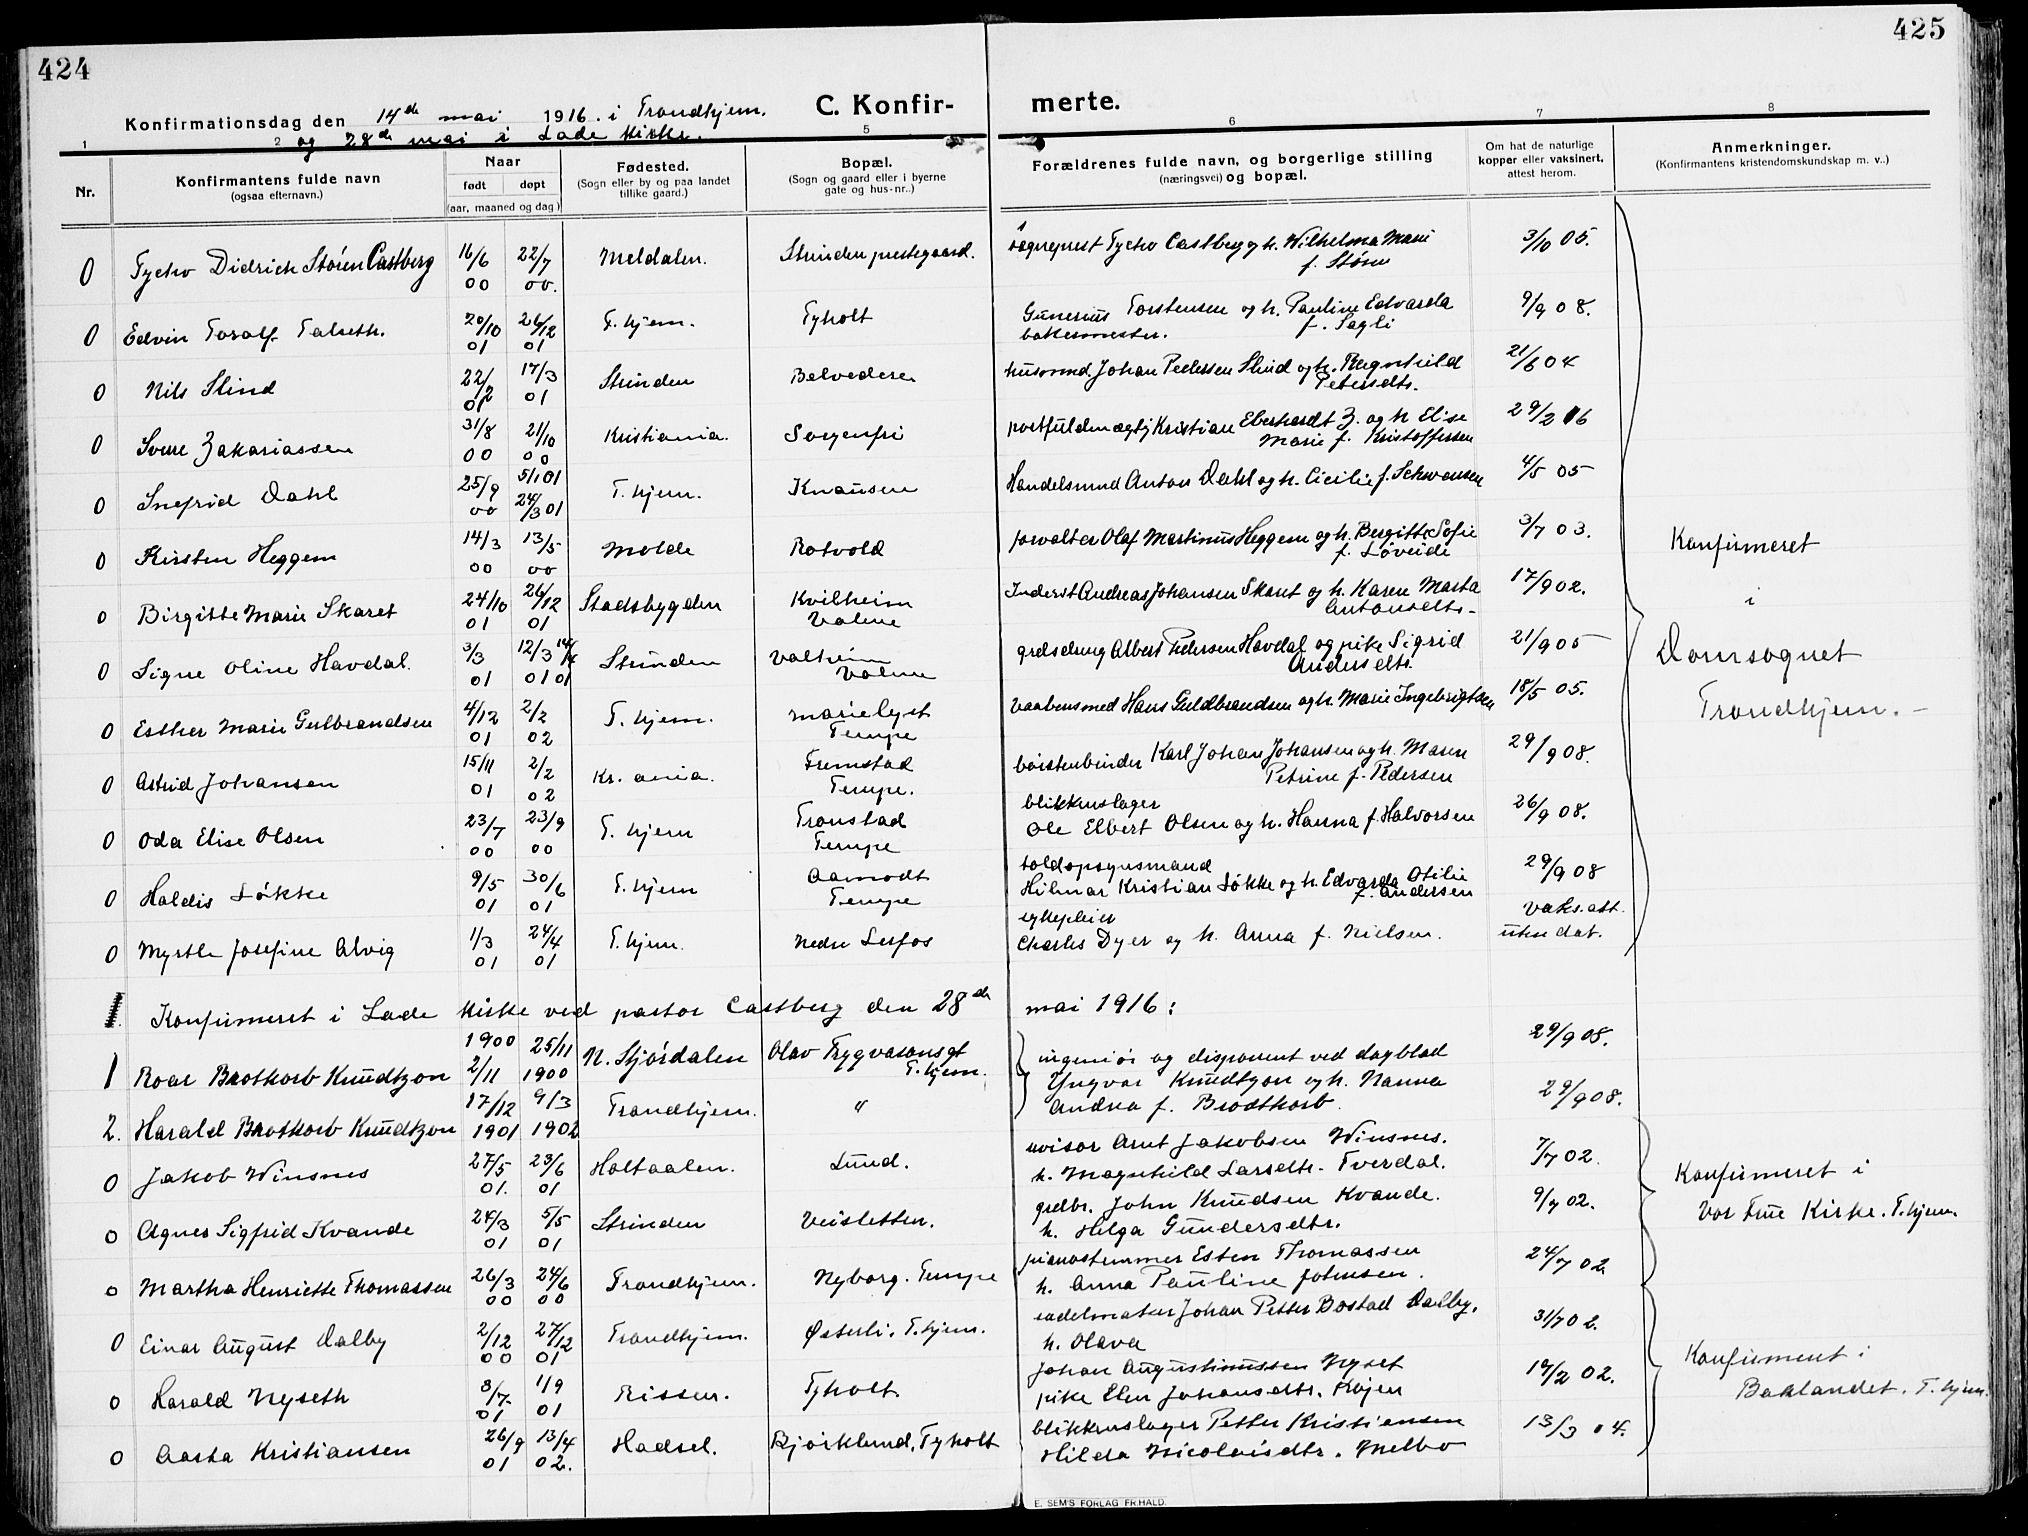 SAT, Ministerialprotokoller, klokkerbøker og fødselsregistre - Sør-Trøndelag, 607/L0321: Ministerialbok nr. 607A05, 1916-1935, s. 424-425